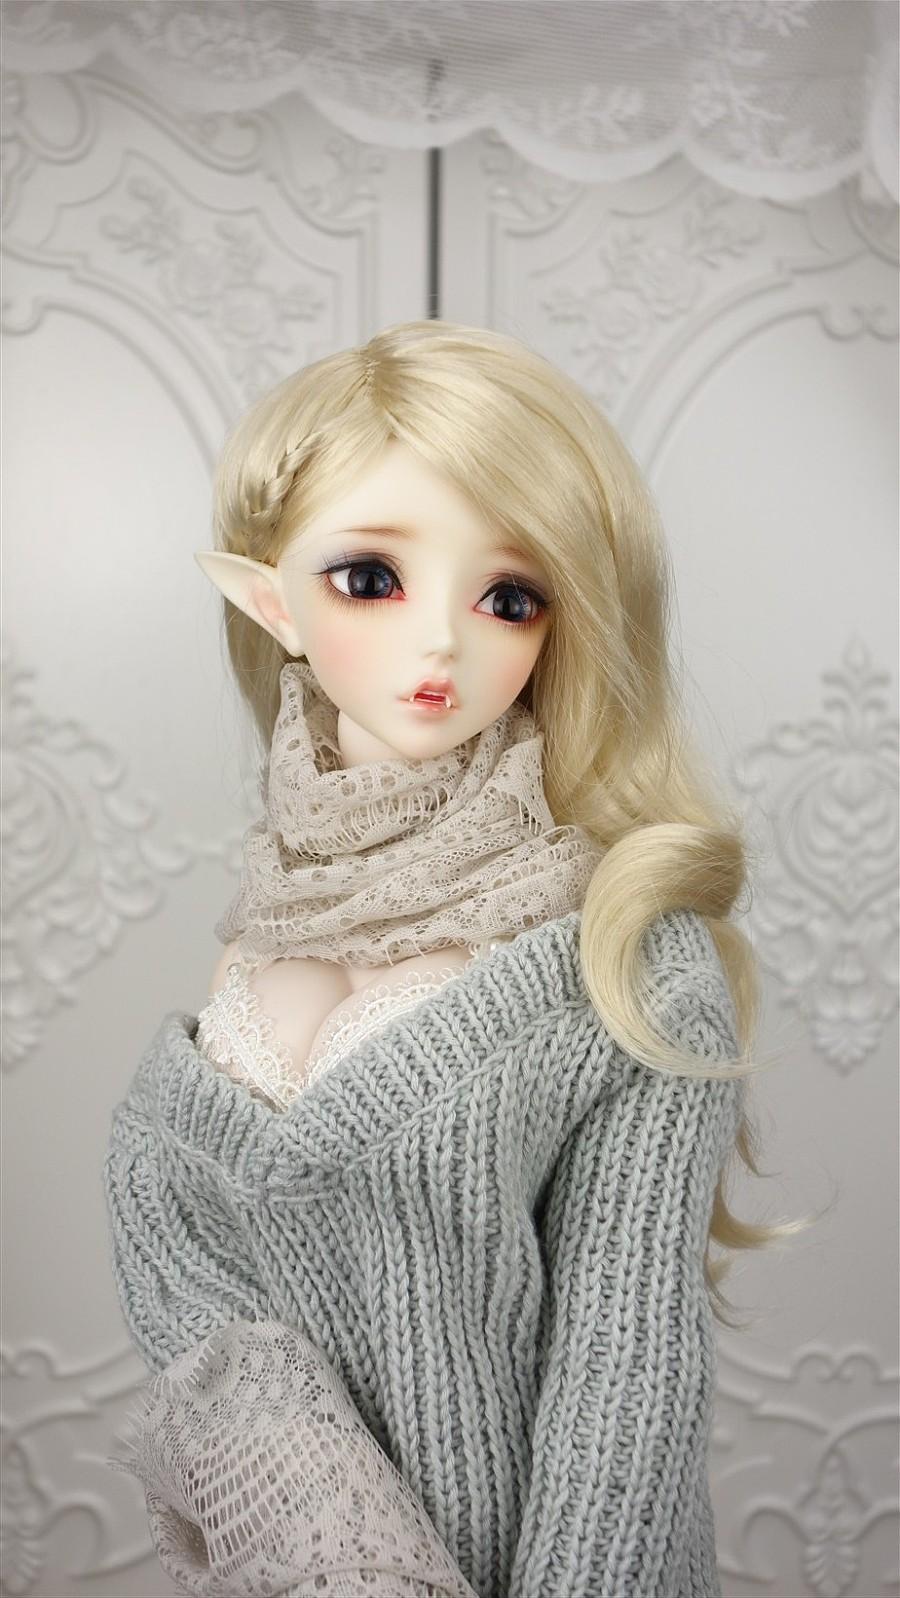 查看《吸血鬼 LISA 三分BJD娃娃 头雕&胸台 3D建模,3D打印原型制作》原图,原图尺寸:924x1641